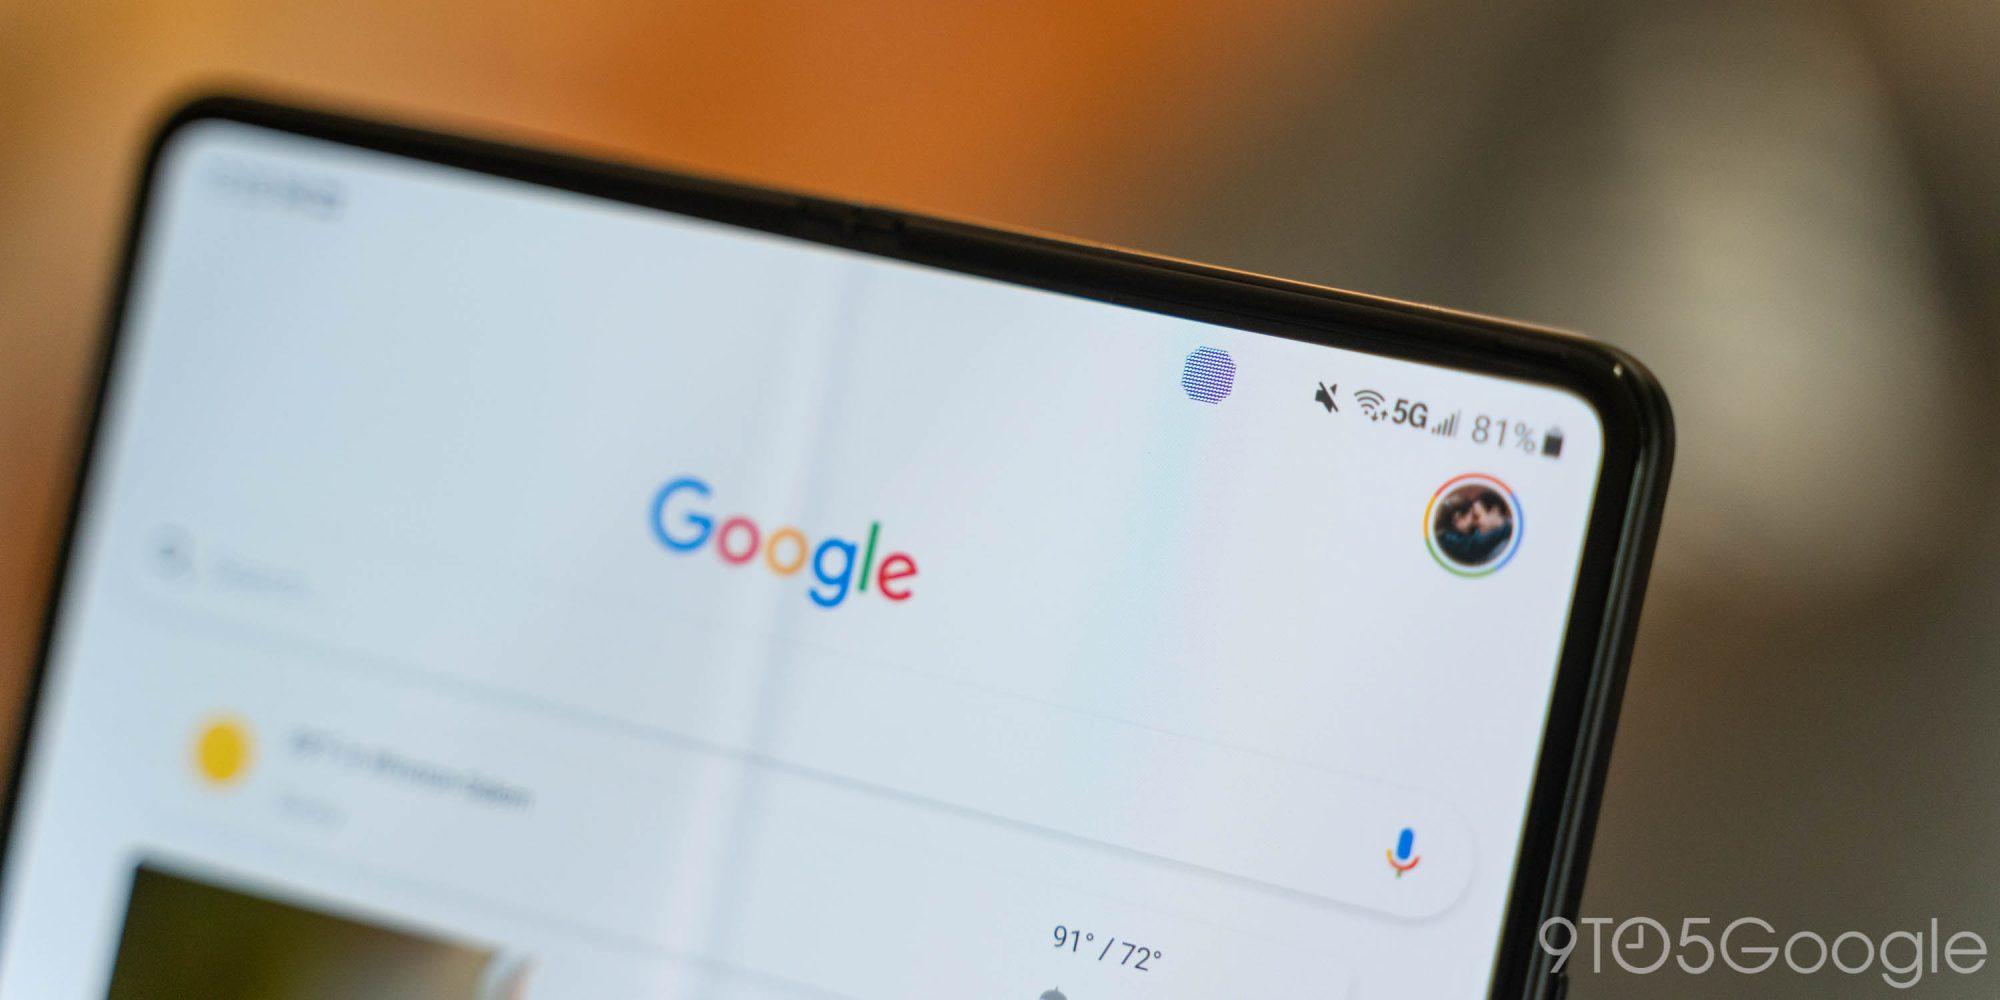 جوجل بدأت بعرض إعلانات لأجهزة Galaxy Z Fold 3 وFlip 3 على قناة اليوتيوب الخاصة بها